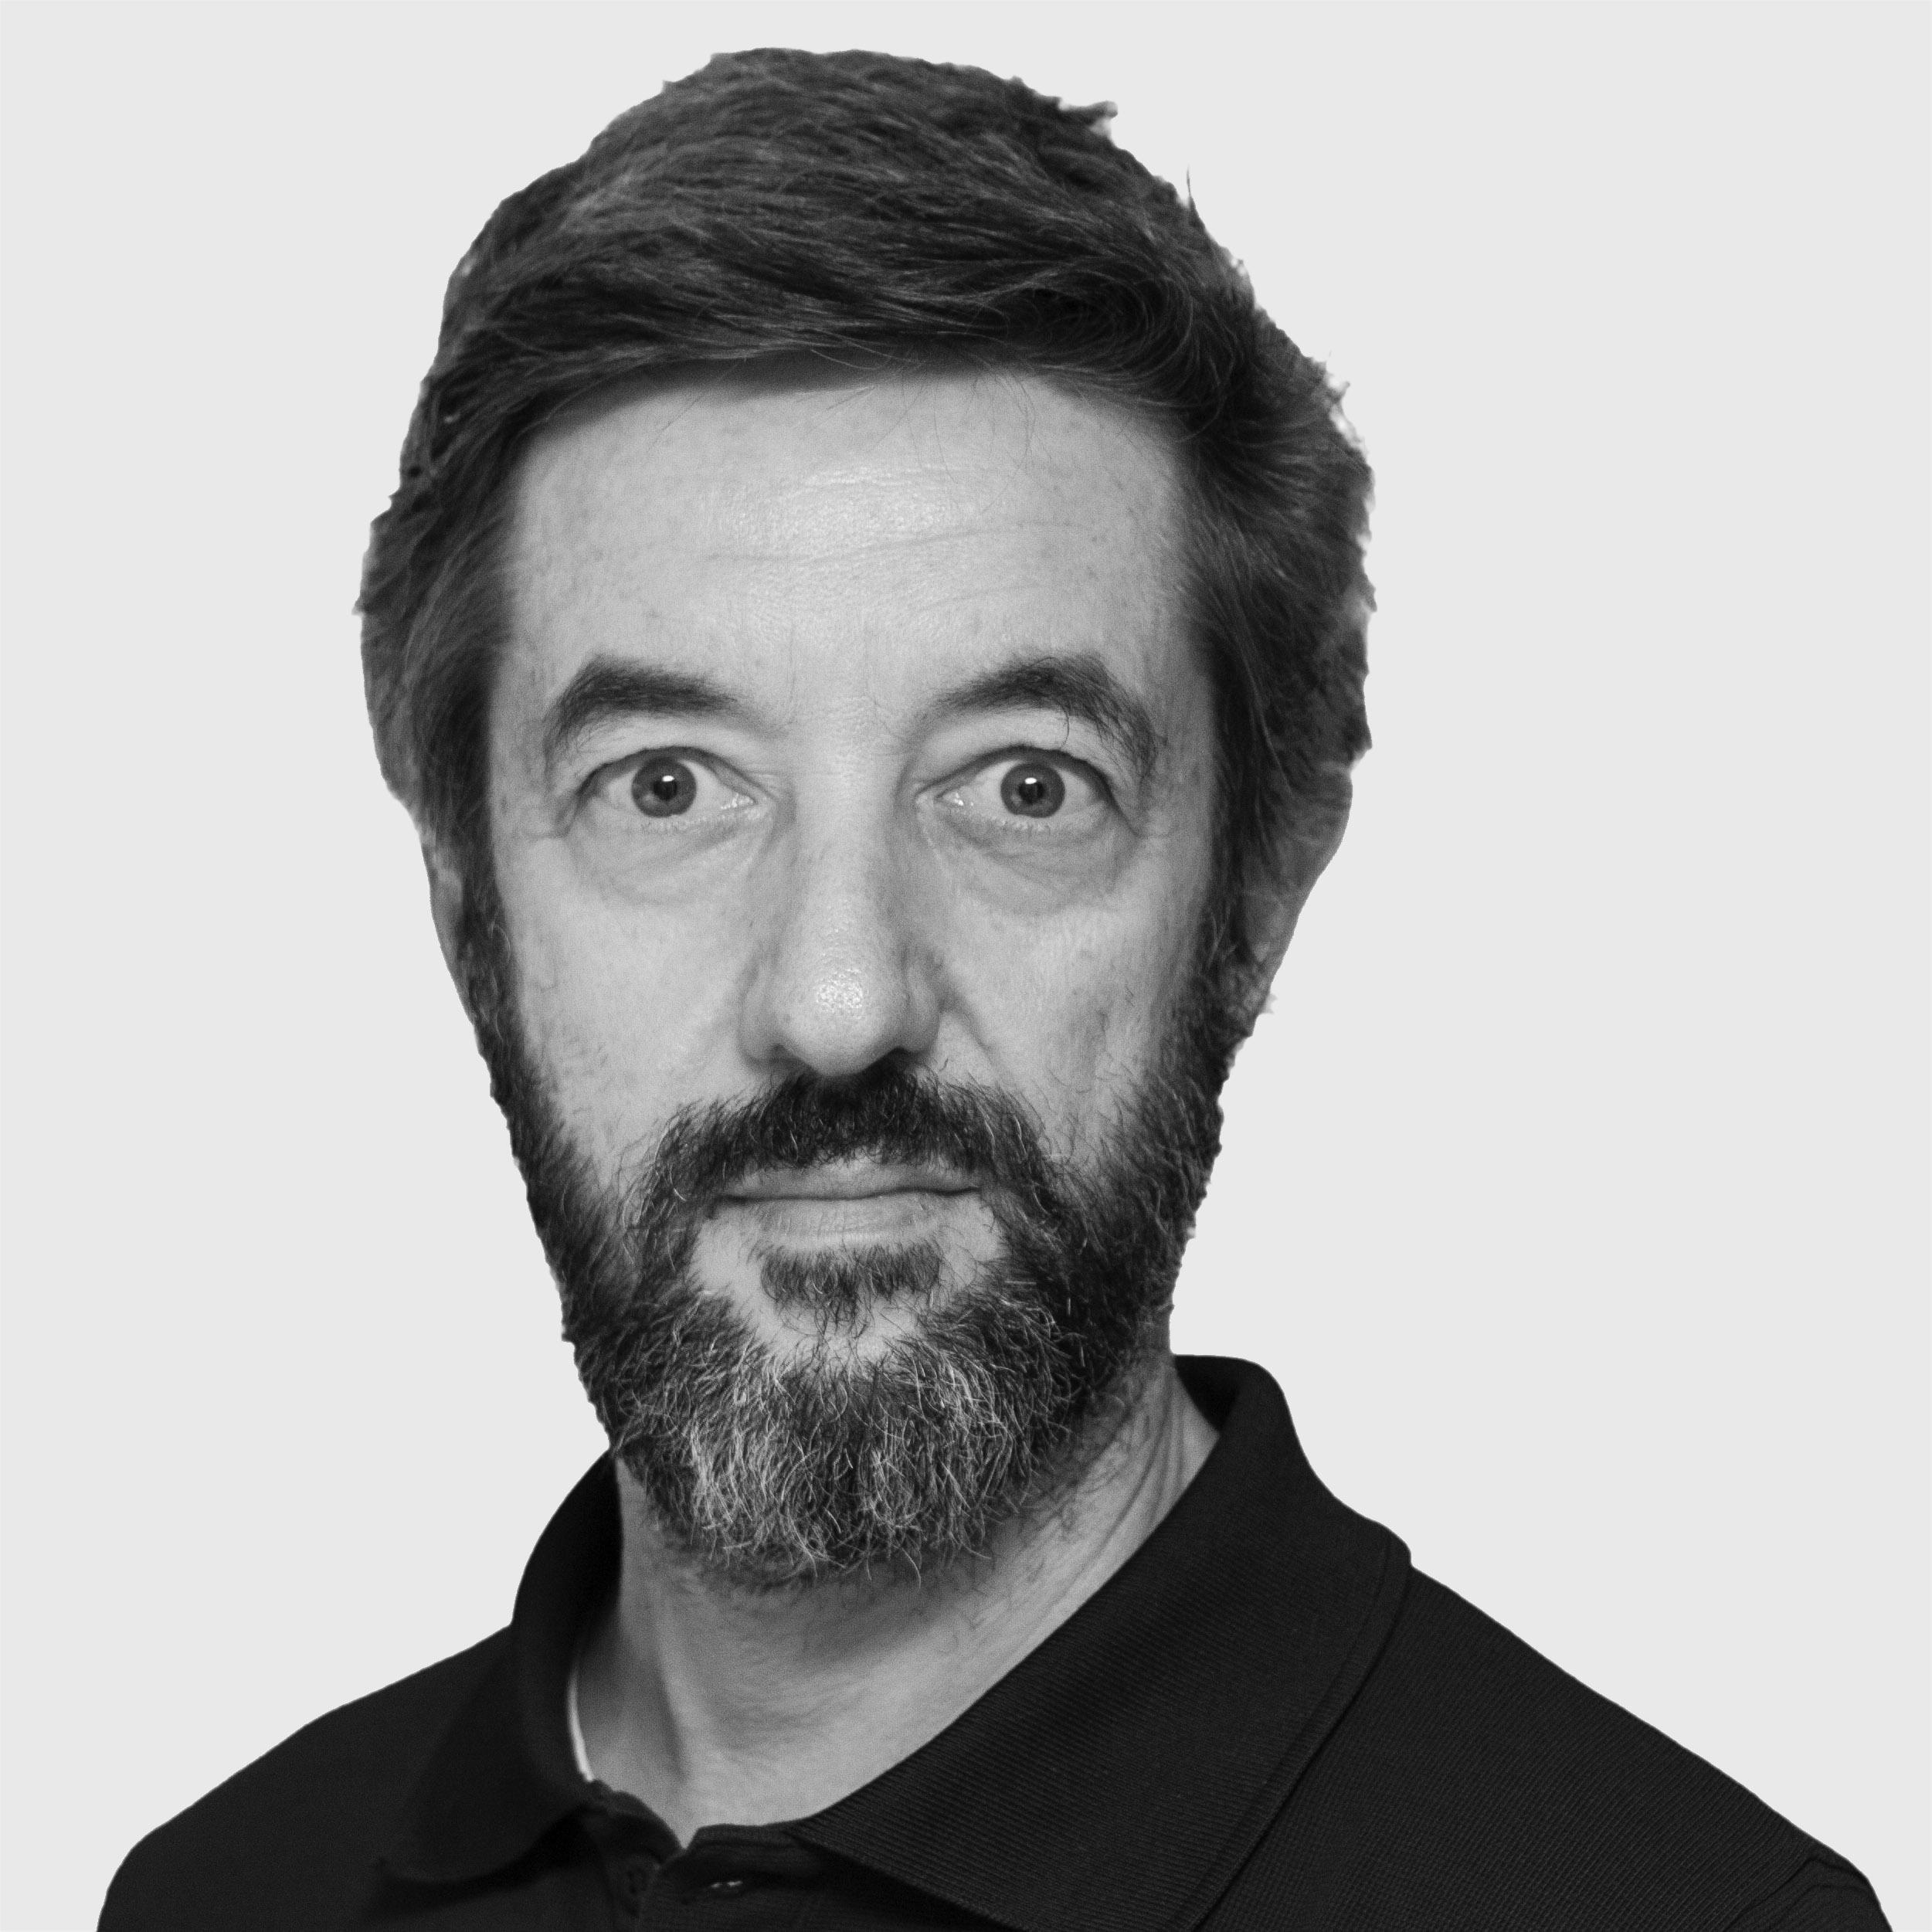 Juan Antonio Garcia